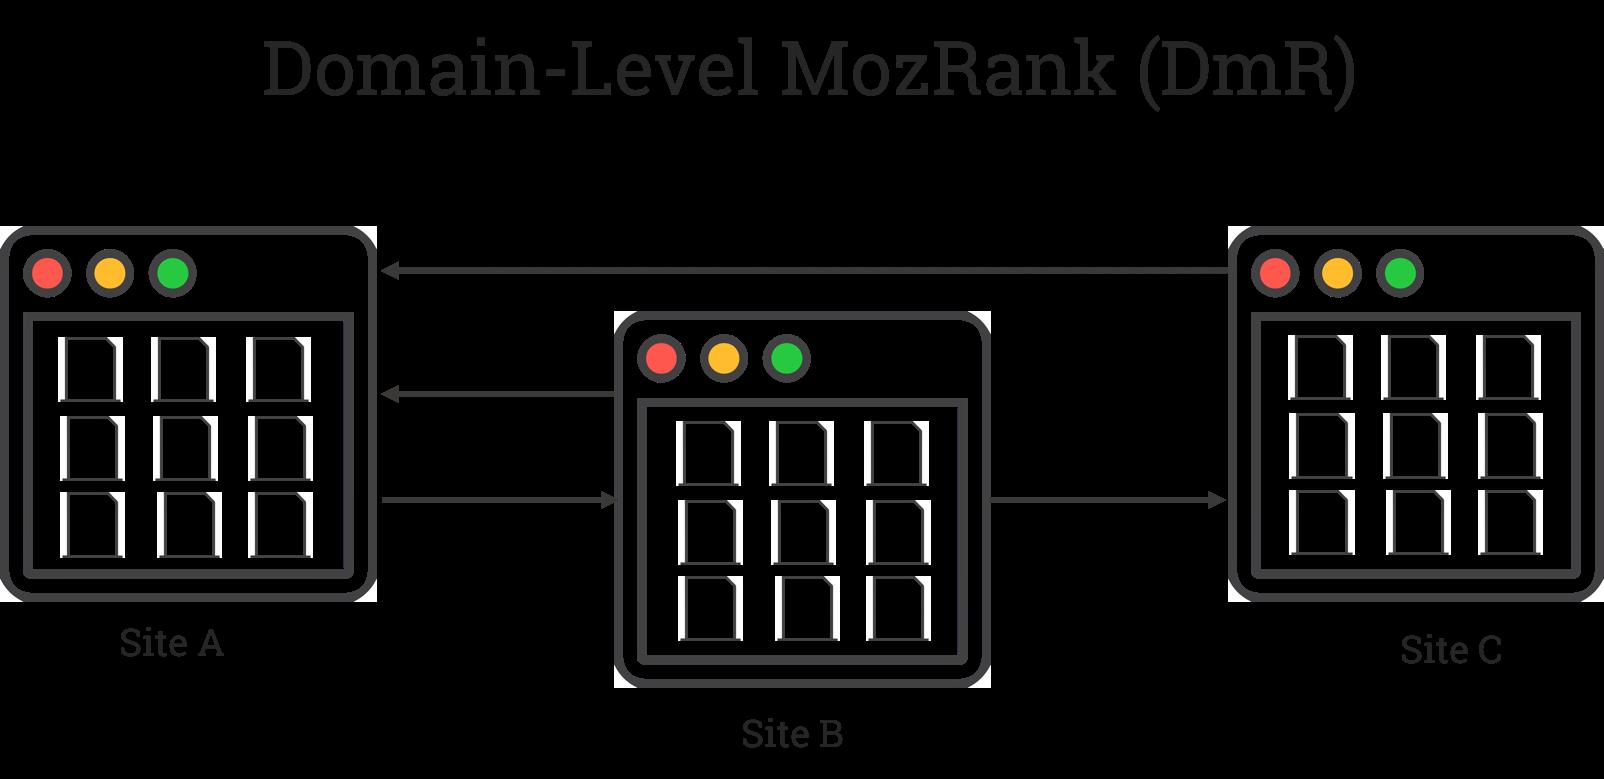 qué es el MozRank